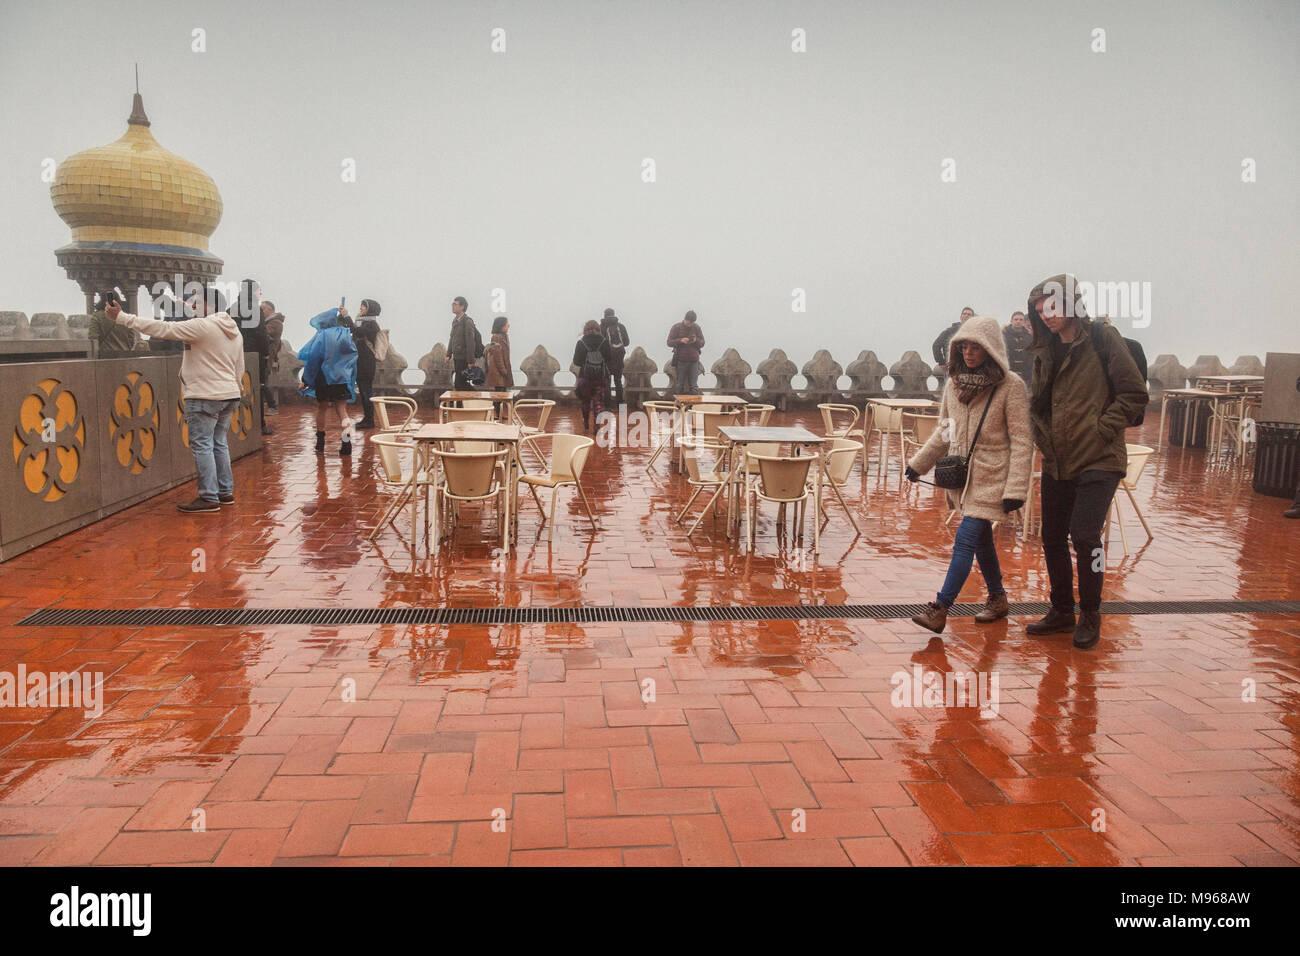 4 mars 2018: Sintra, Portugal - Touristes visite touristique à la pluie, au début du printemps, à la palais de Pena. Photo Stock